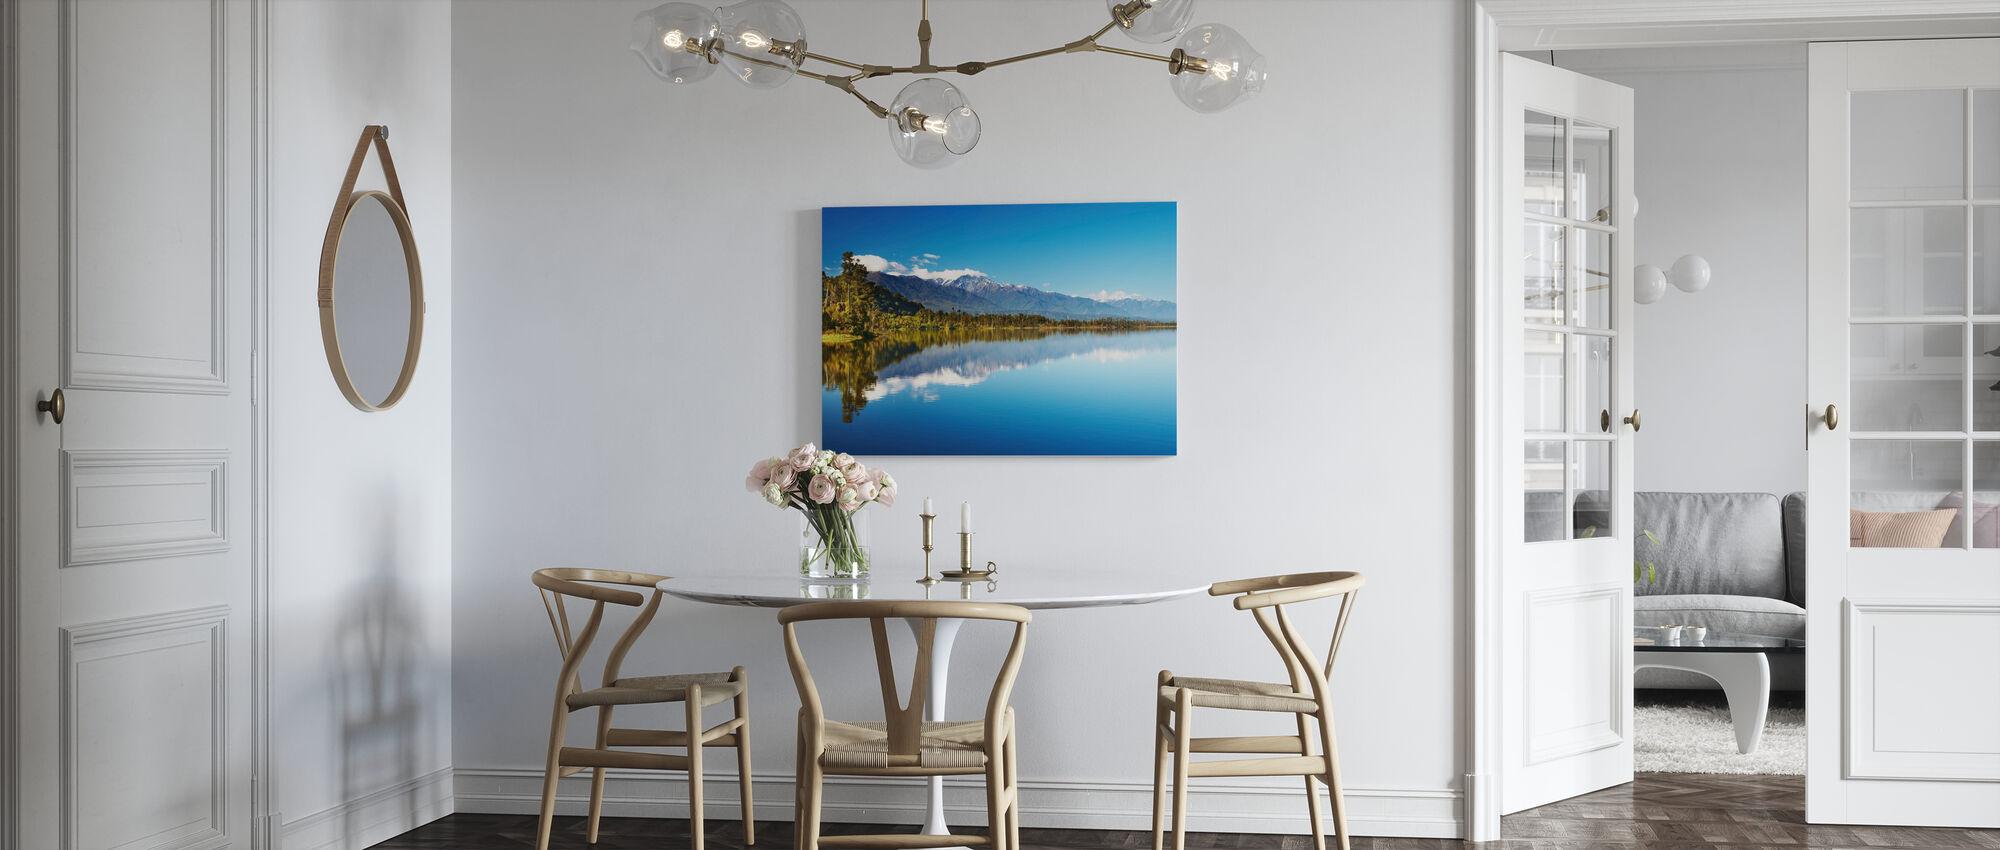 Vacker sjö, Nya Zeeland - Canvastavla - Kök